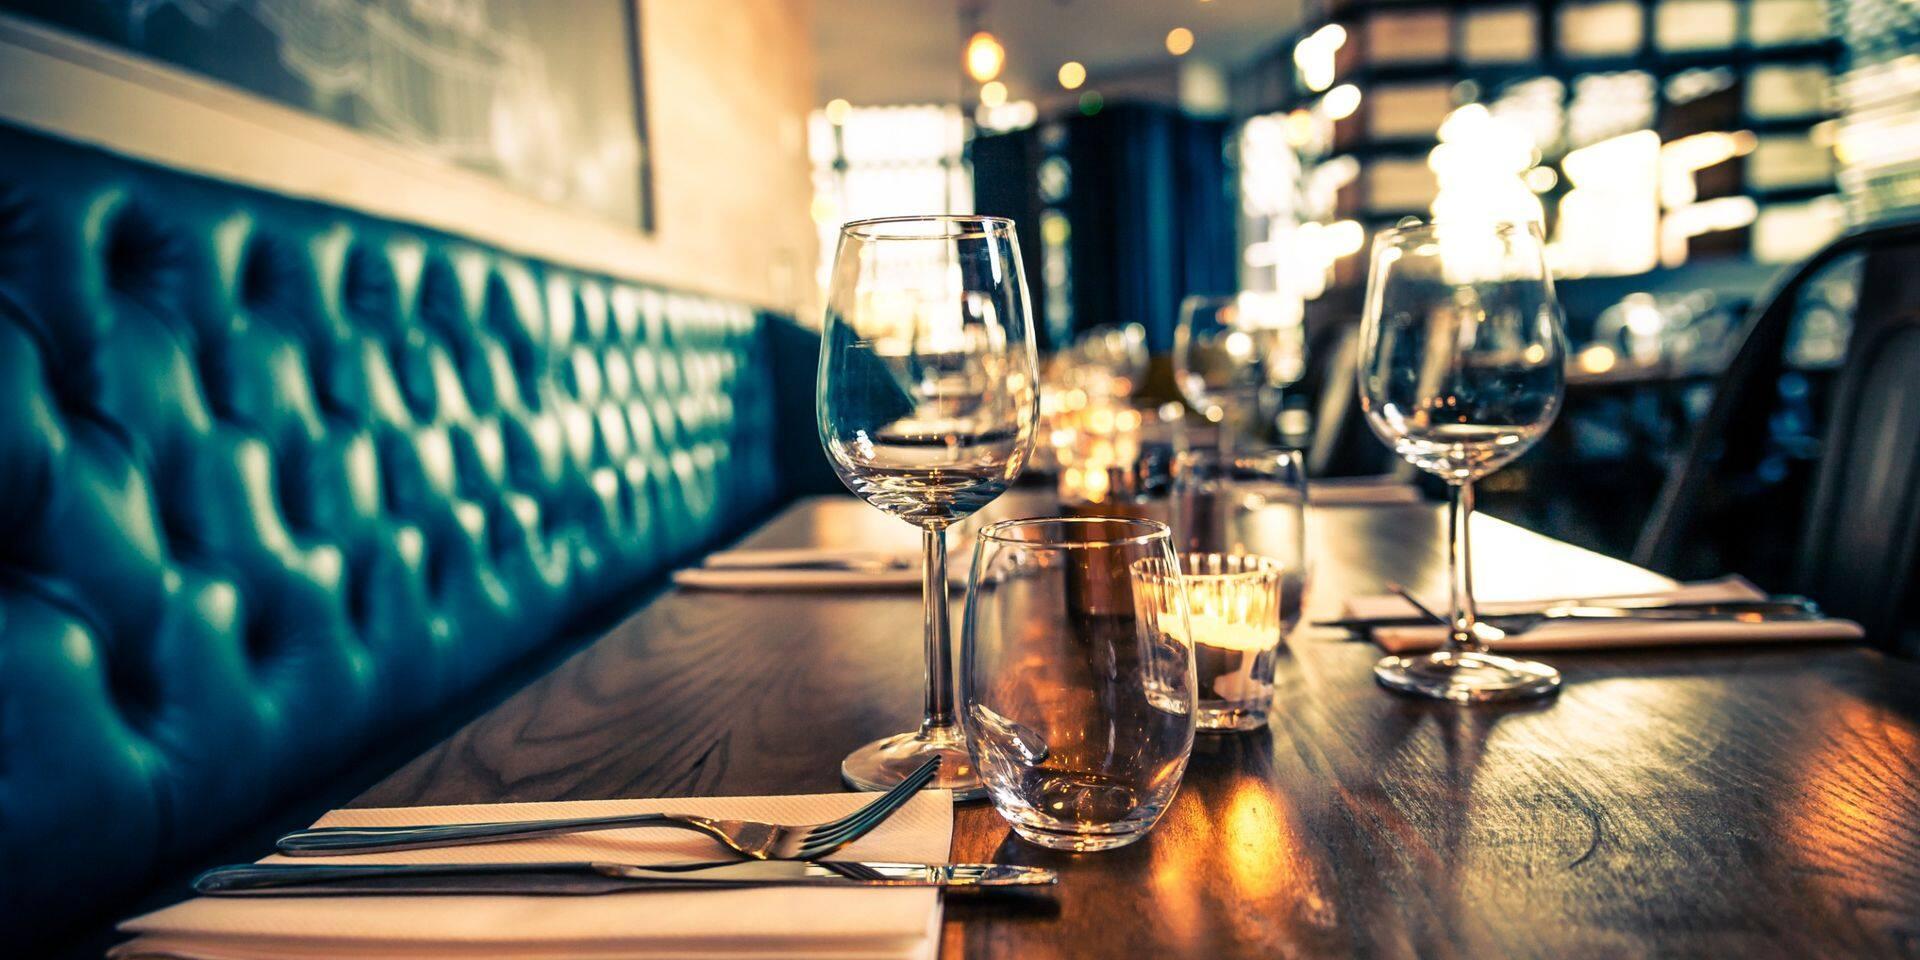 Le Luxembourg veut rouvrir ses restaurants dès le 16 mai